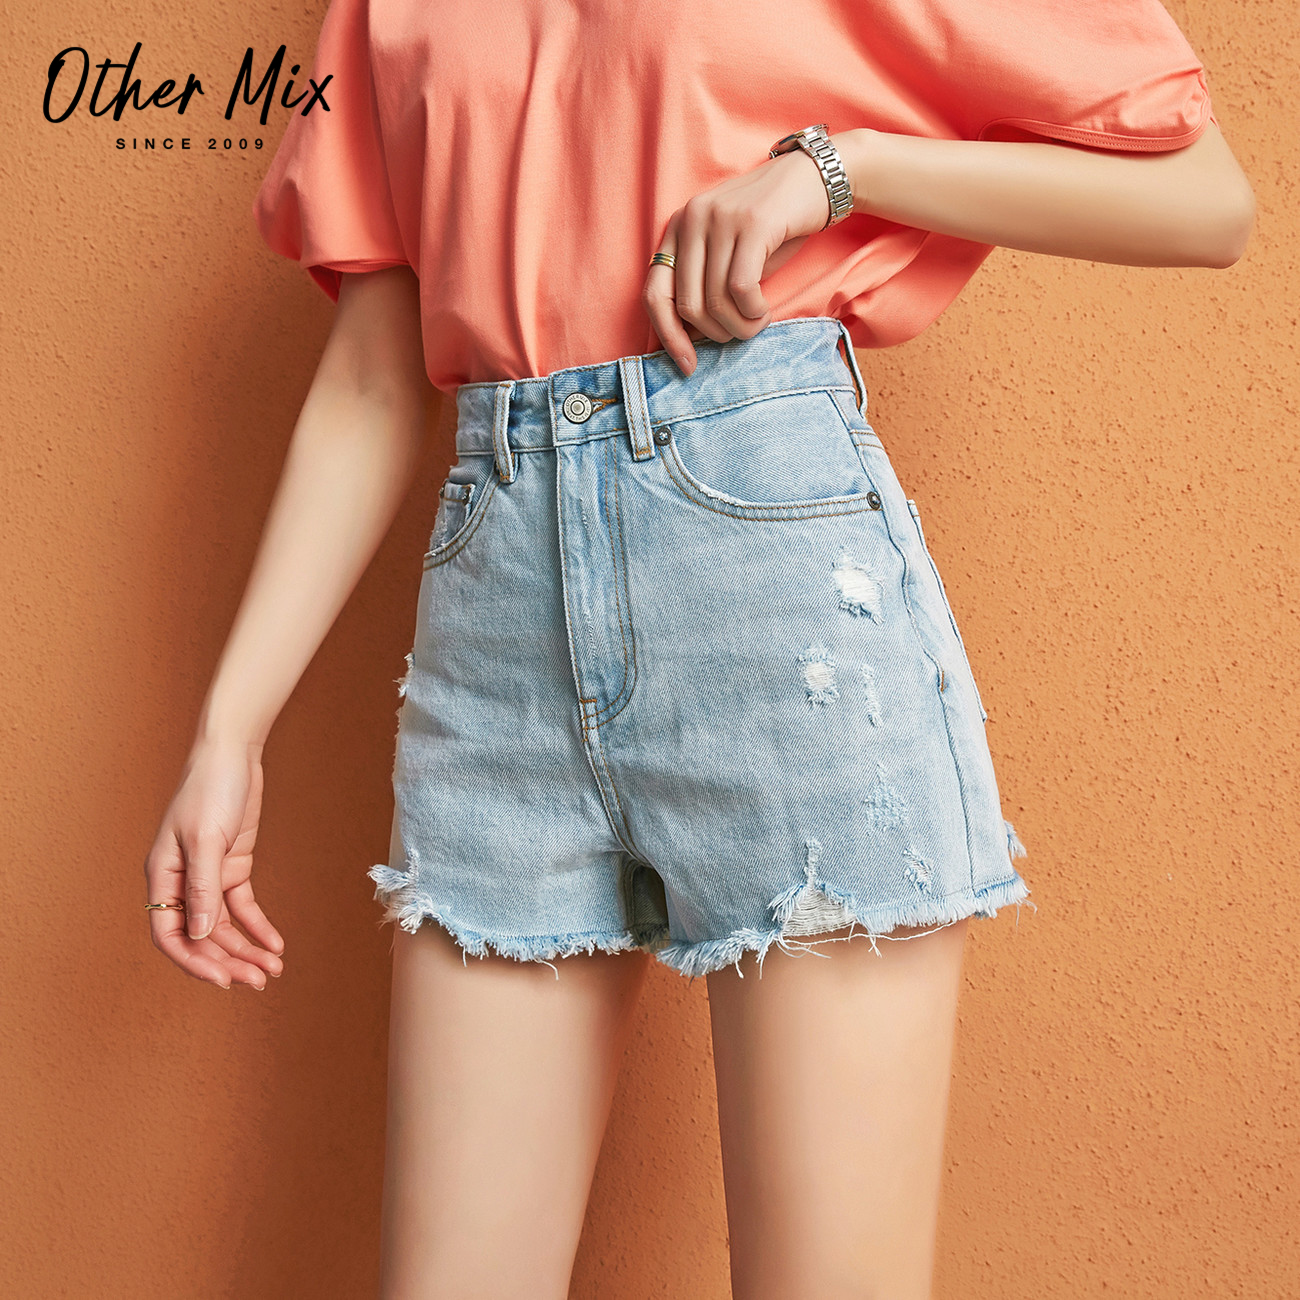 七格格夏季薄款牛仔短裤女高腰2020年新款韩版宽松显瘦破洞裤子潮 - 封面